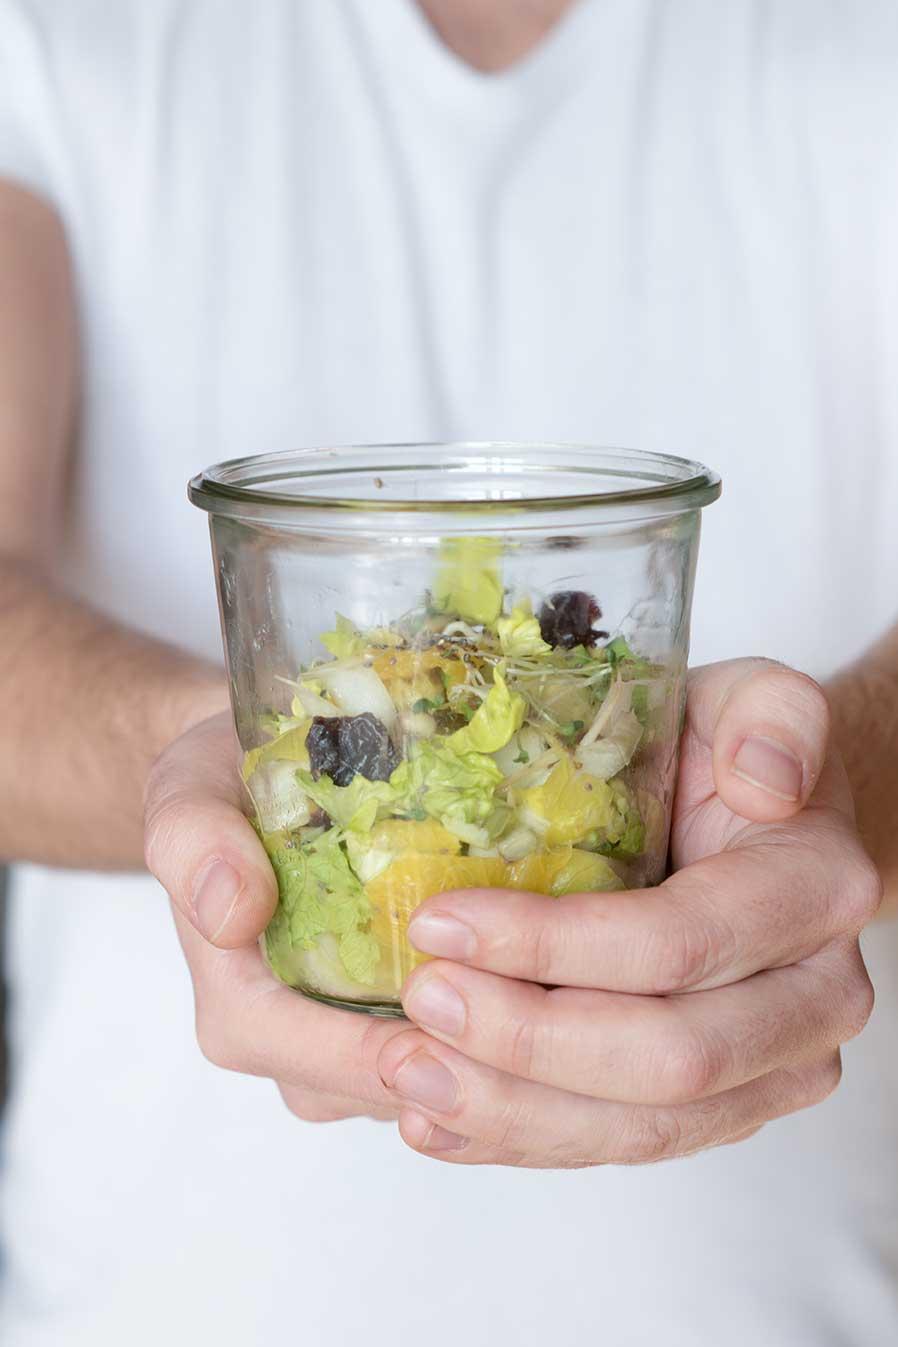 Salat im Glas in der Hand